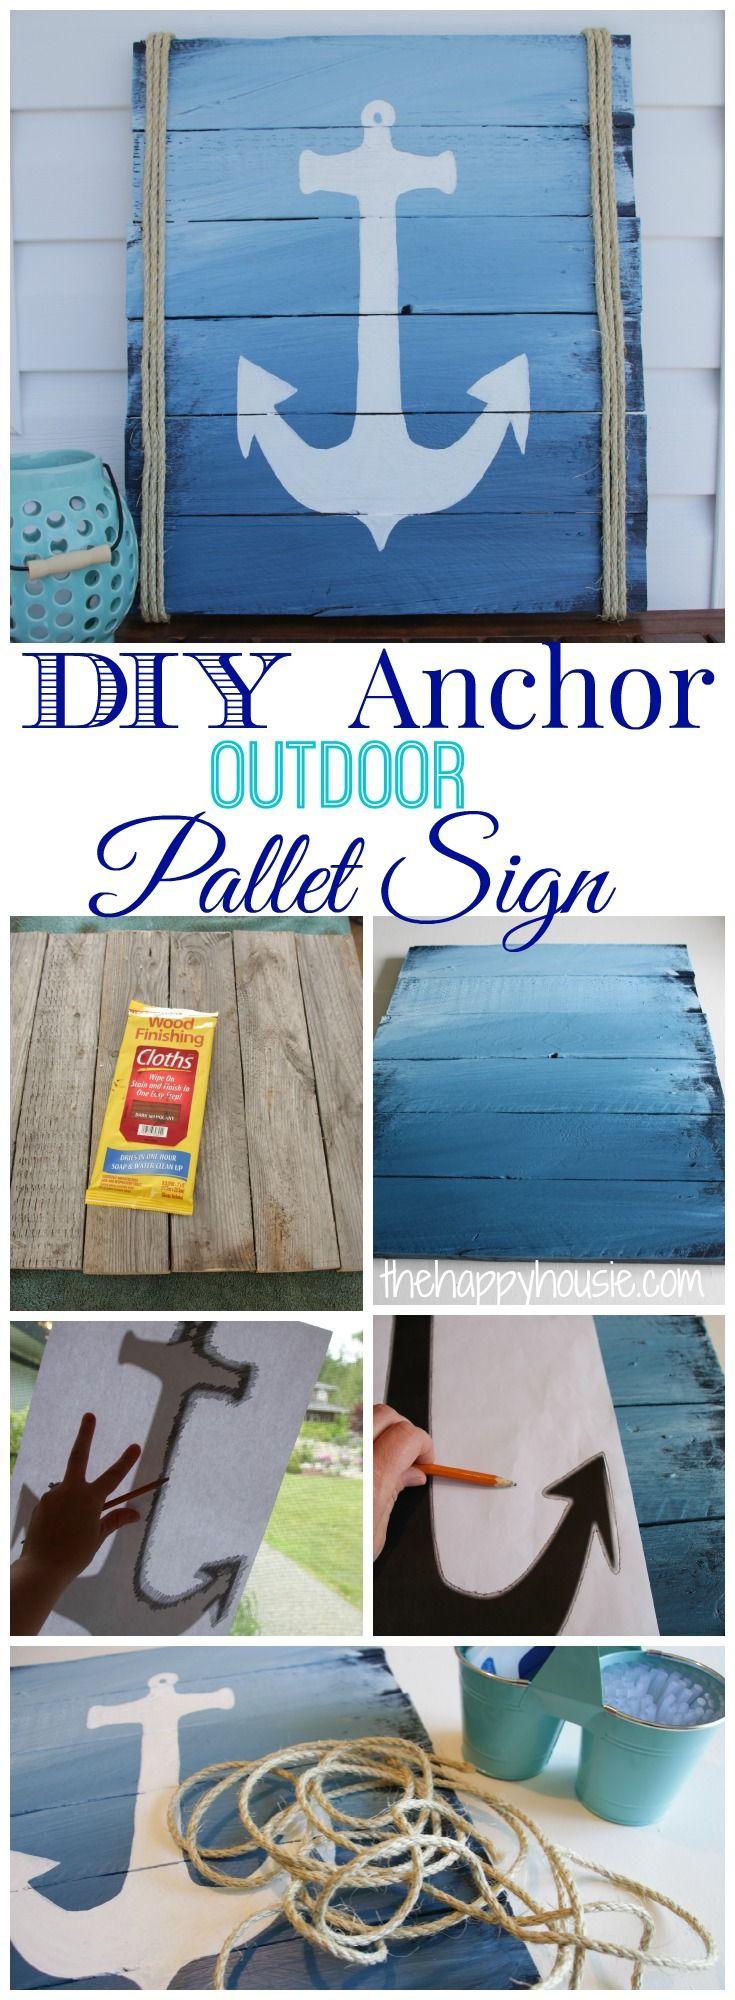 DIY Anchor Sign